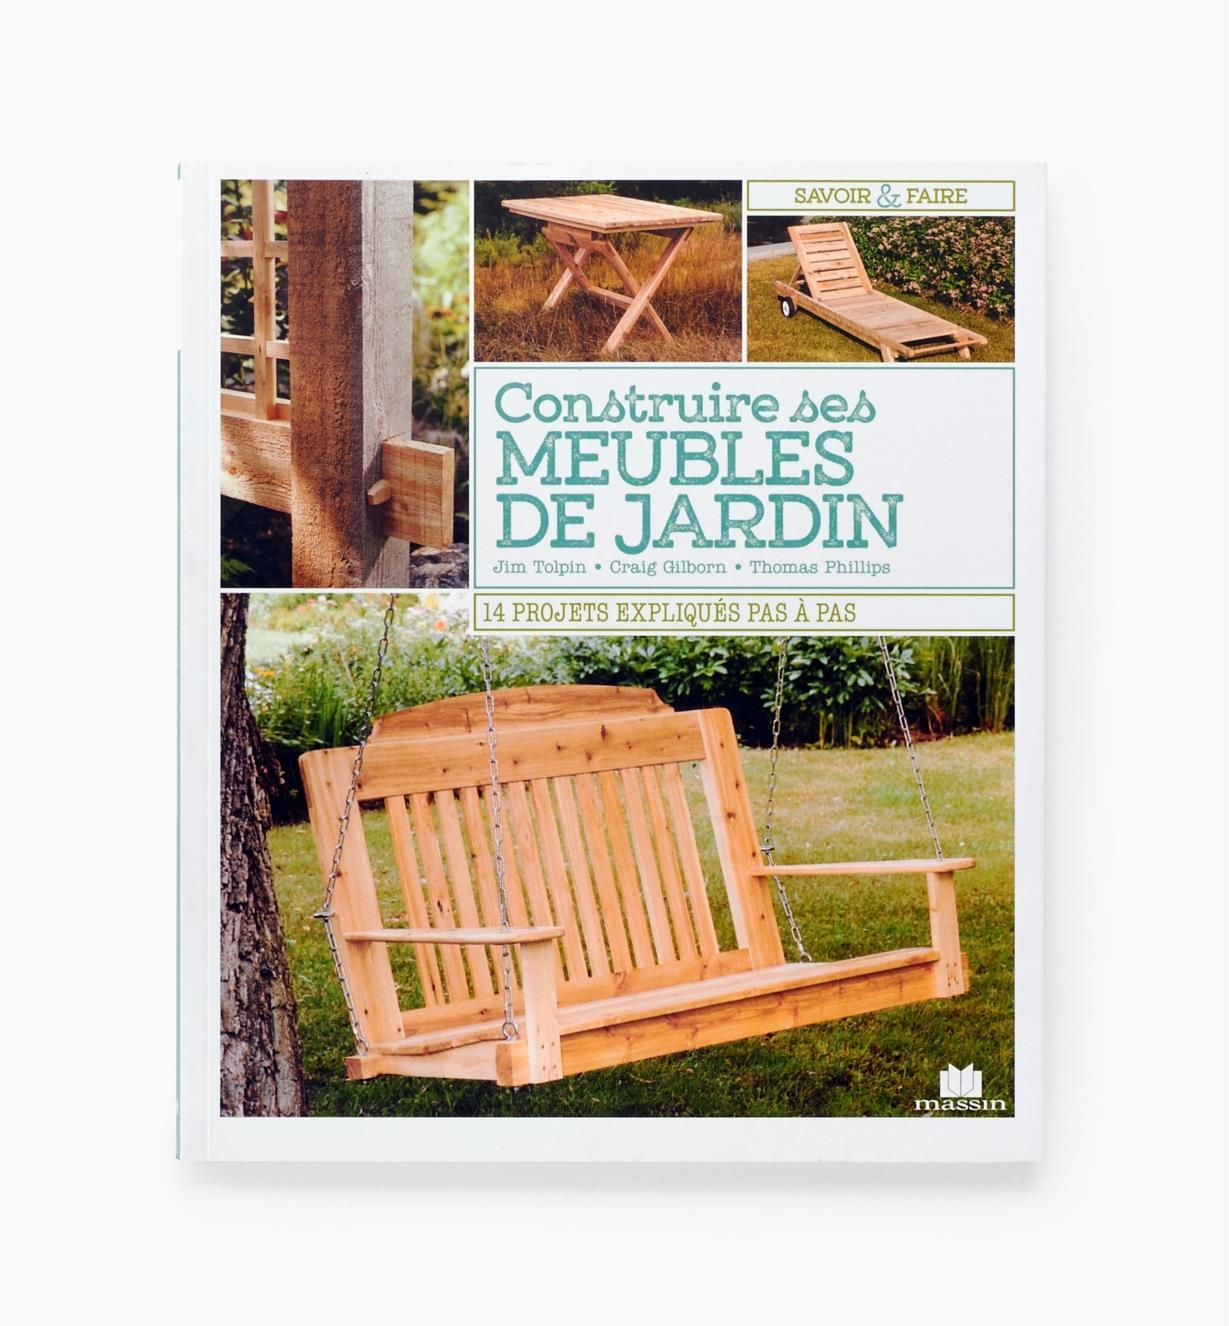 49L0207 - Construire ses meubles de jardin